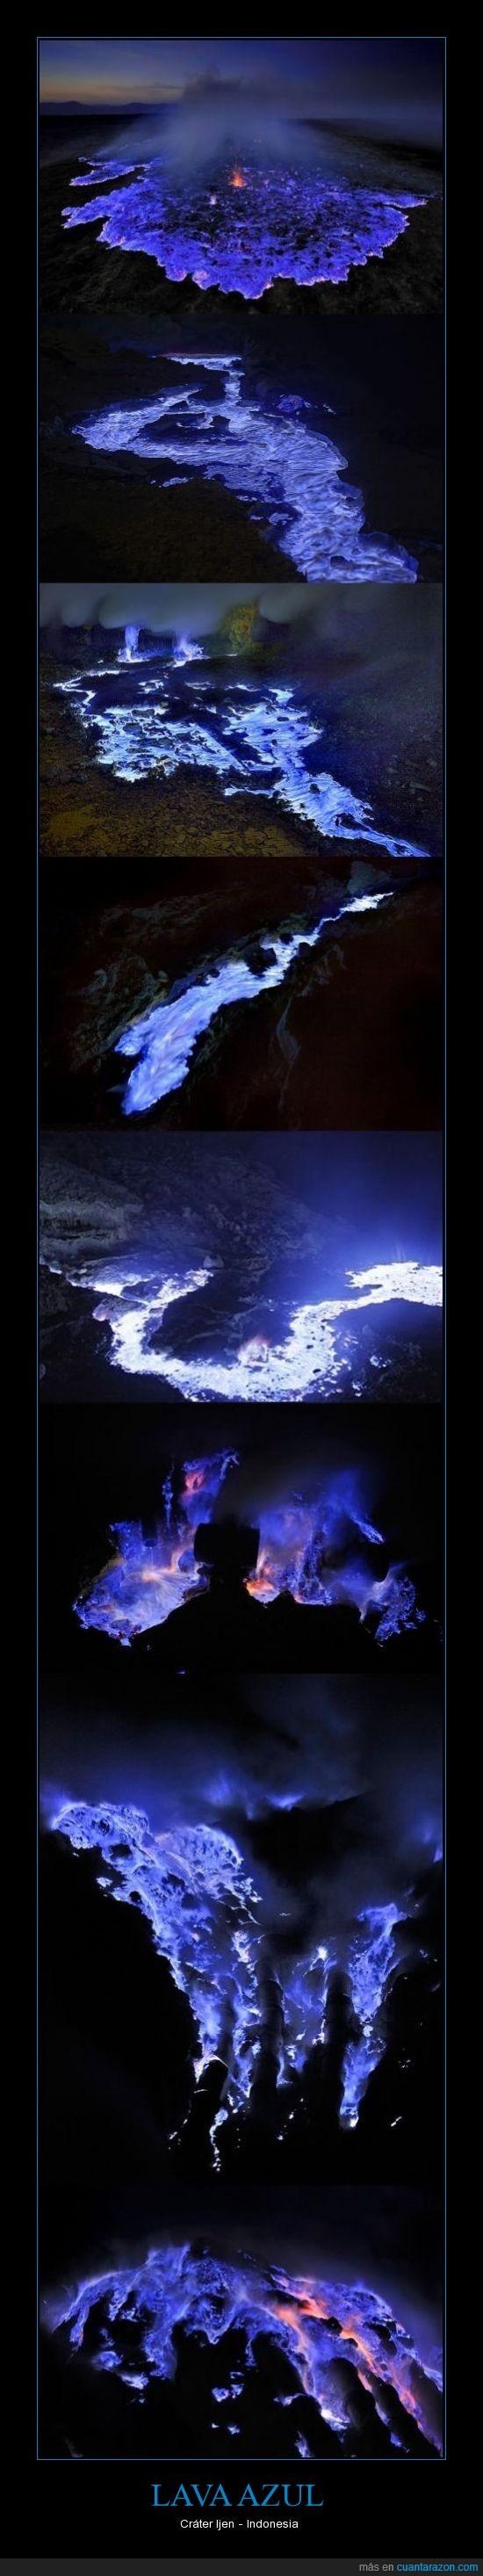 azul,cráter,fuego,Indonesia,lava,volcan